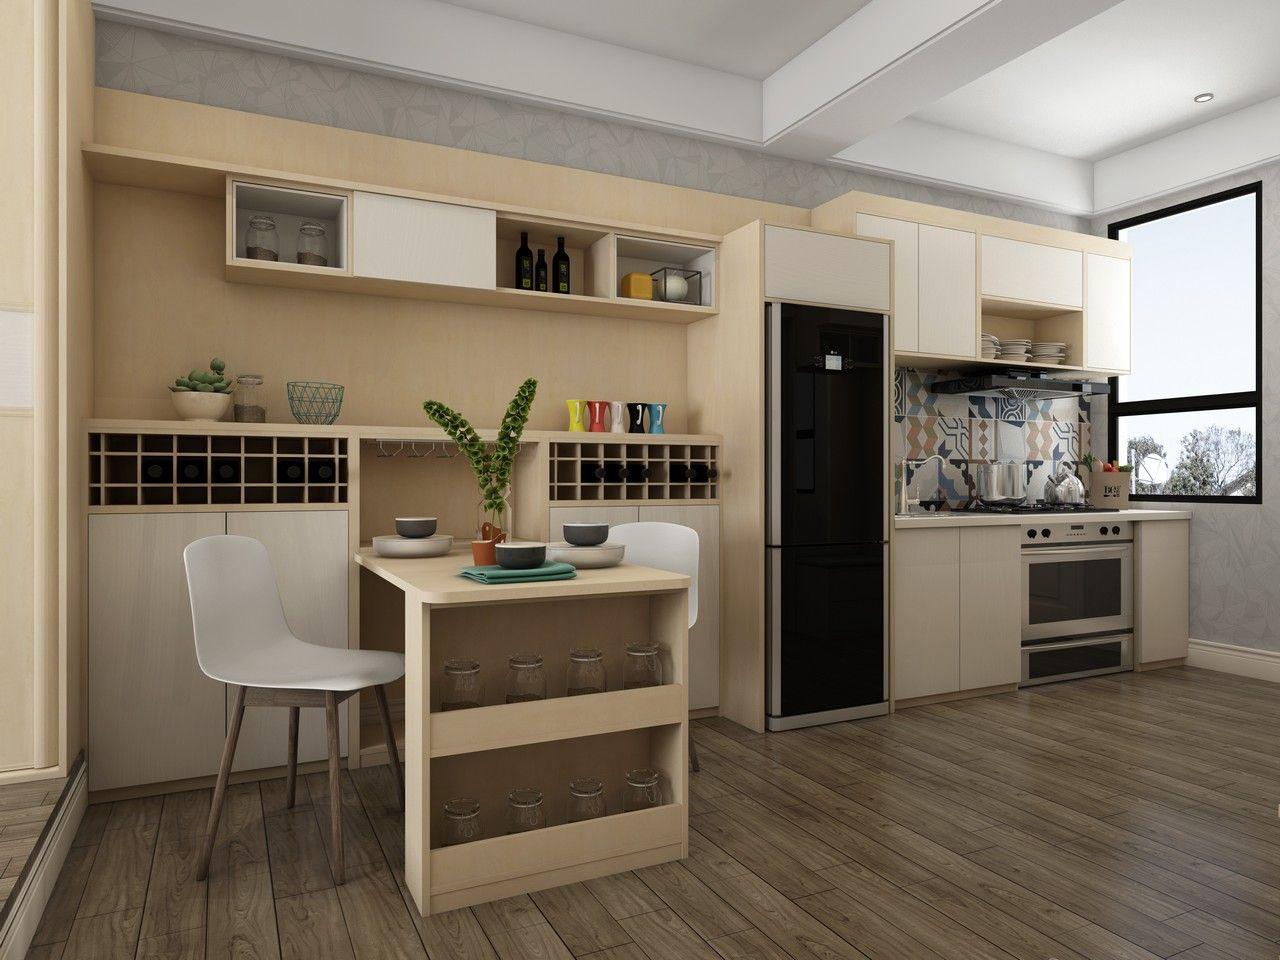 餐厅冰箱酒柜效果图-酒柜和冰箱一体效果图-客厅冰箱隐藏柜效果图图片